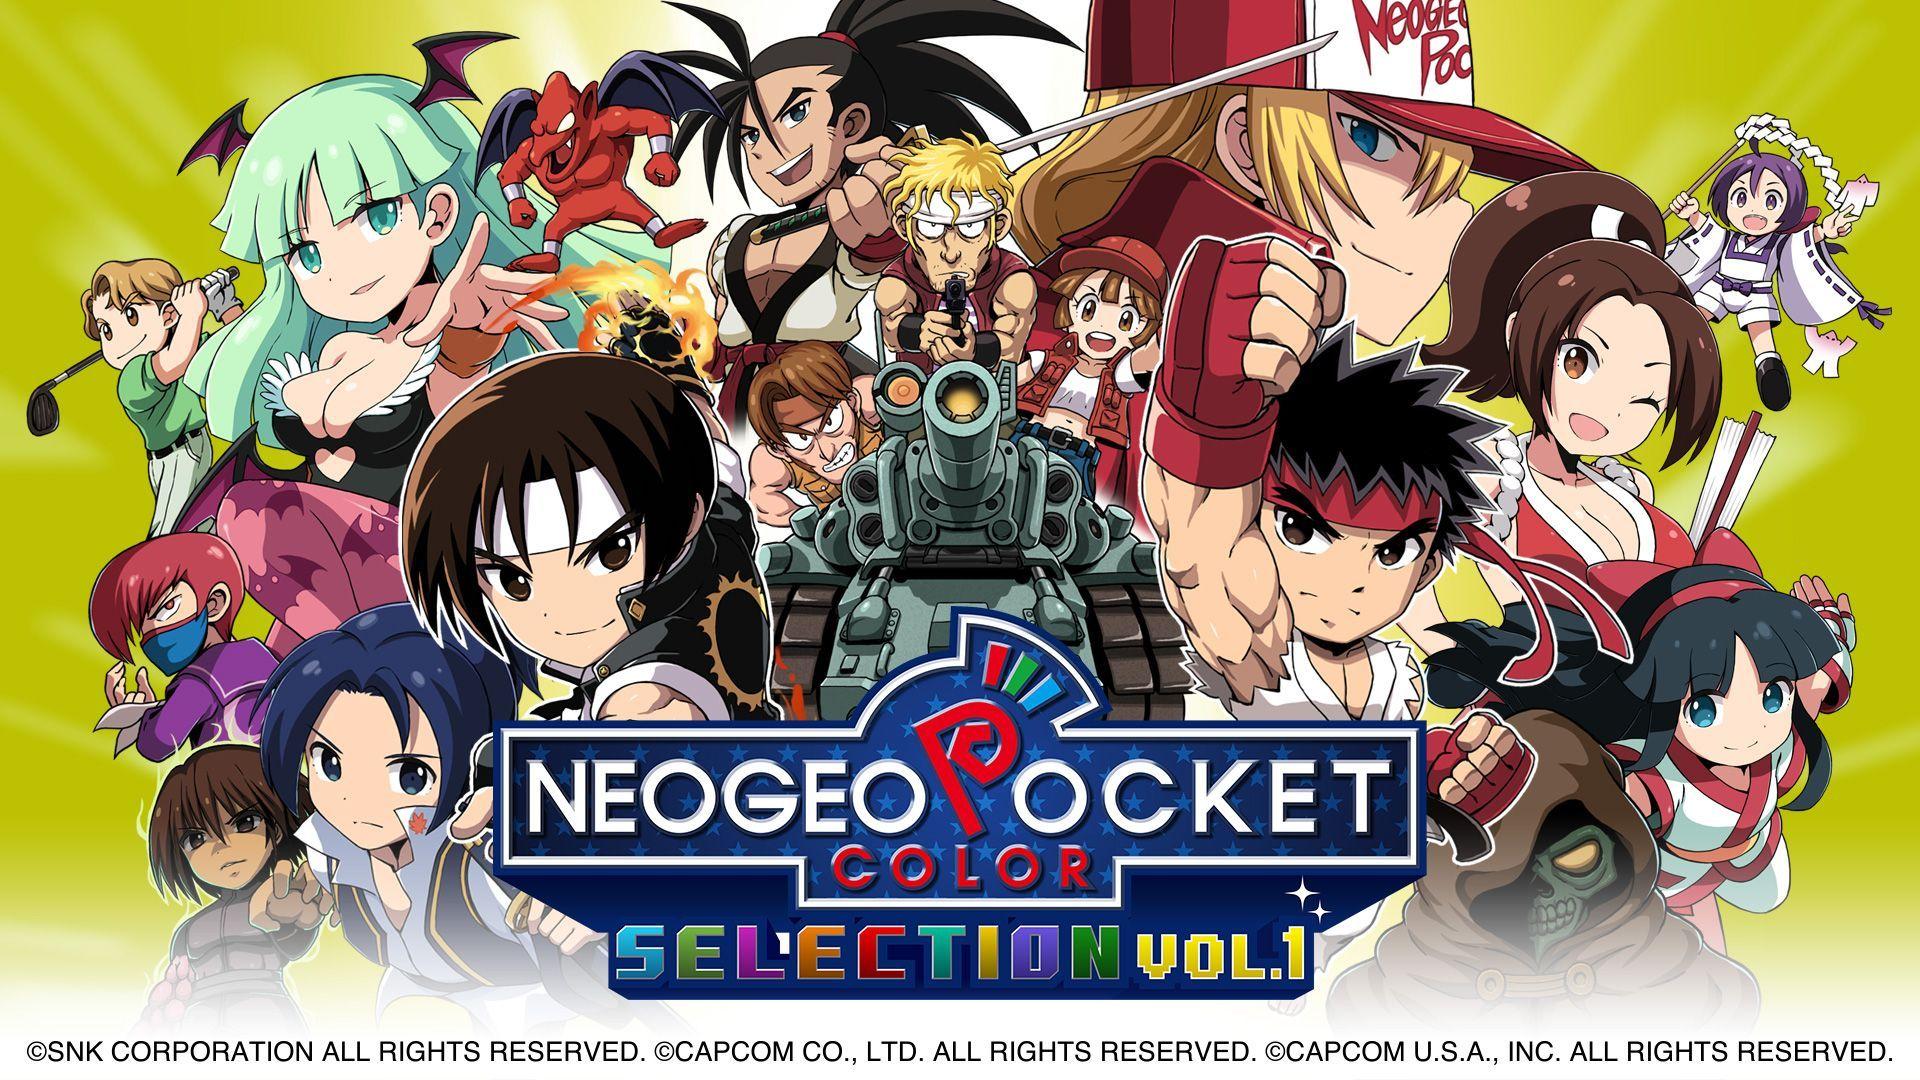 Neo Geo Pocket Switch